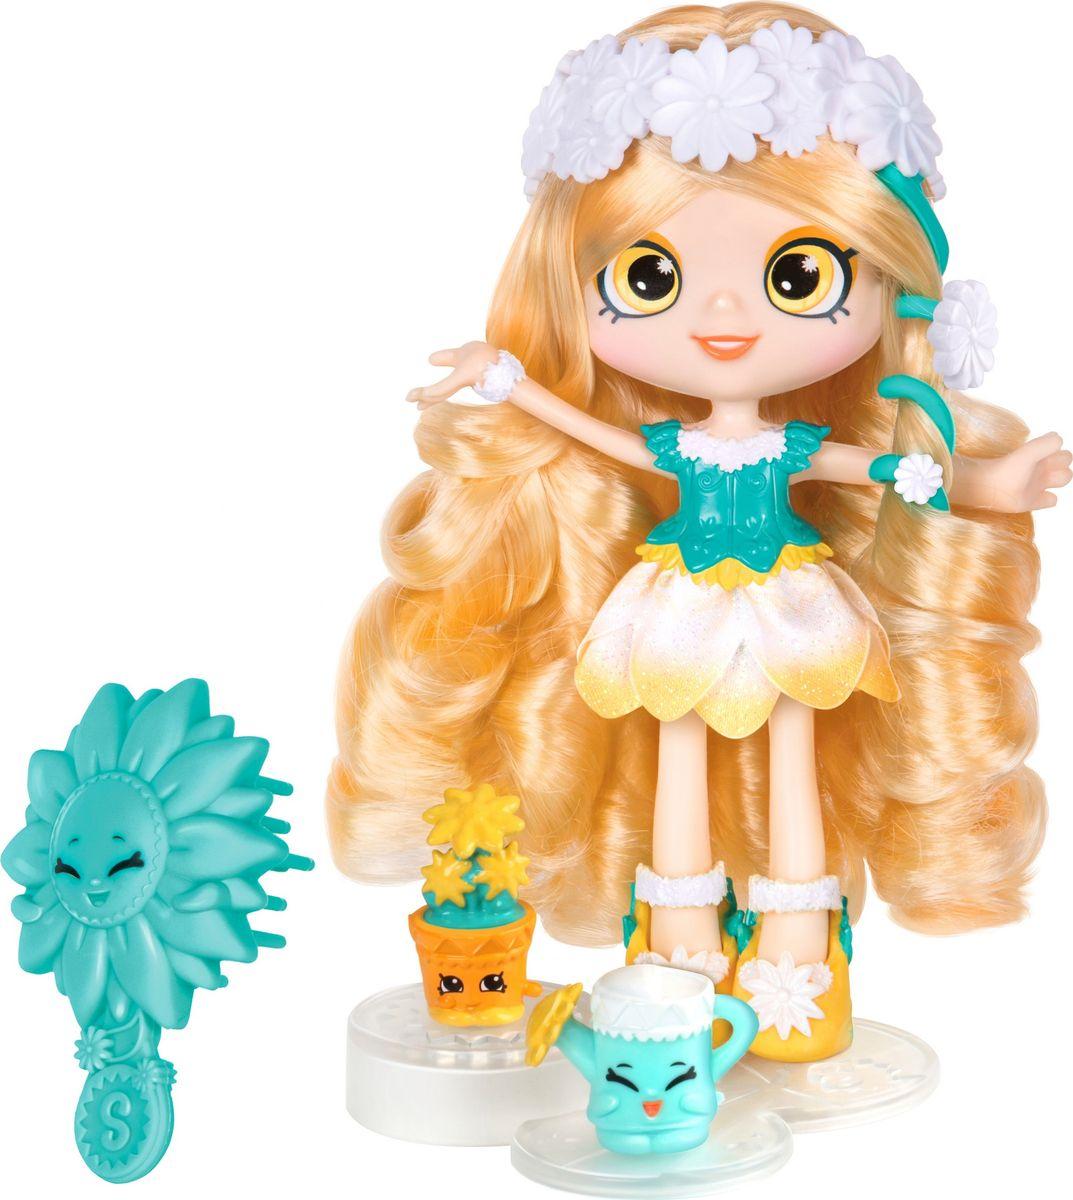 Фото Shopkins Мини-кукла Shoppies Цветочная Daisy Petals. Купить  в РФ